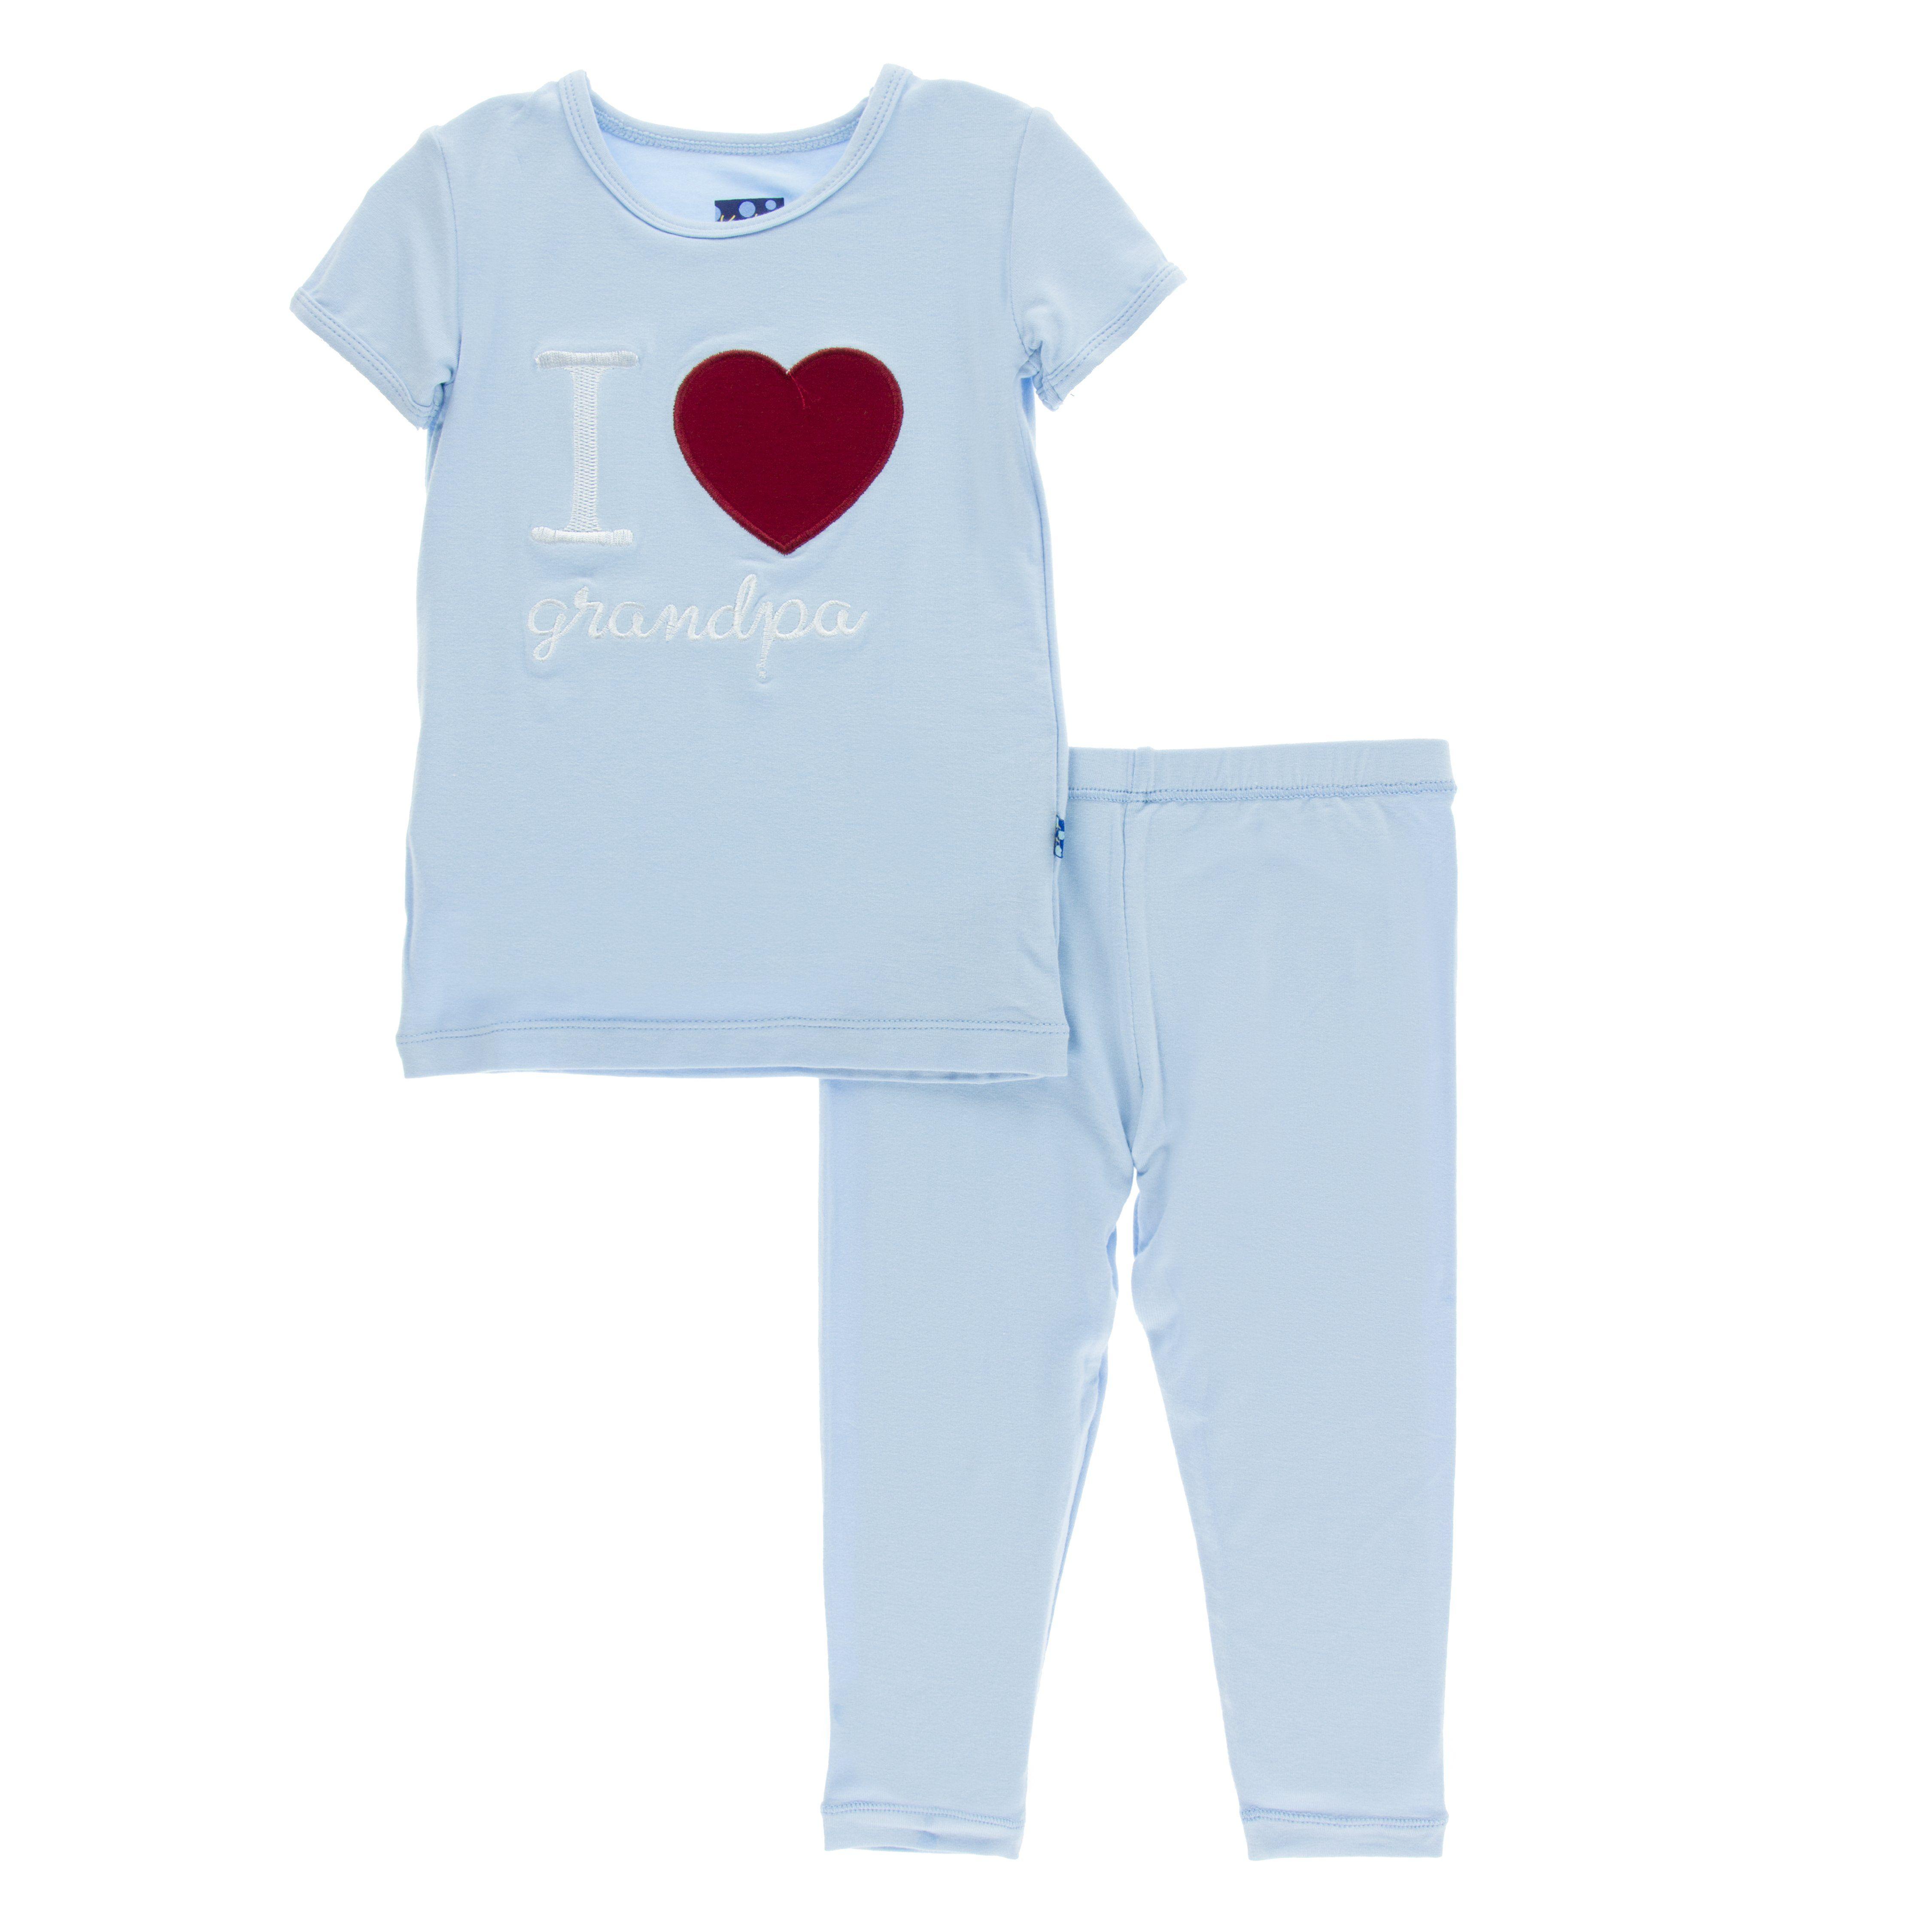 83de892a83da Kickee Pants I Love You Collection Short Sleeve Applique Pajama Set ...